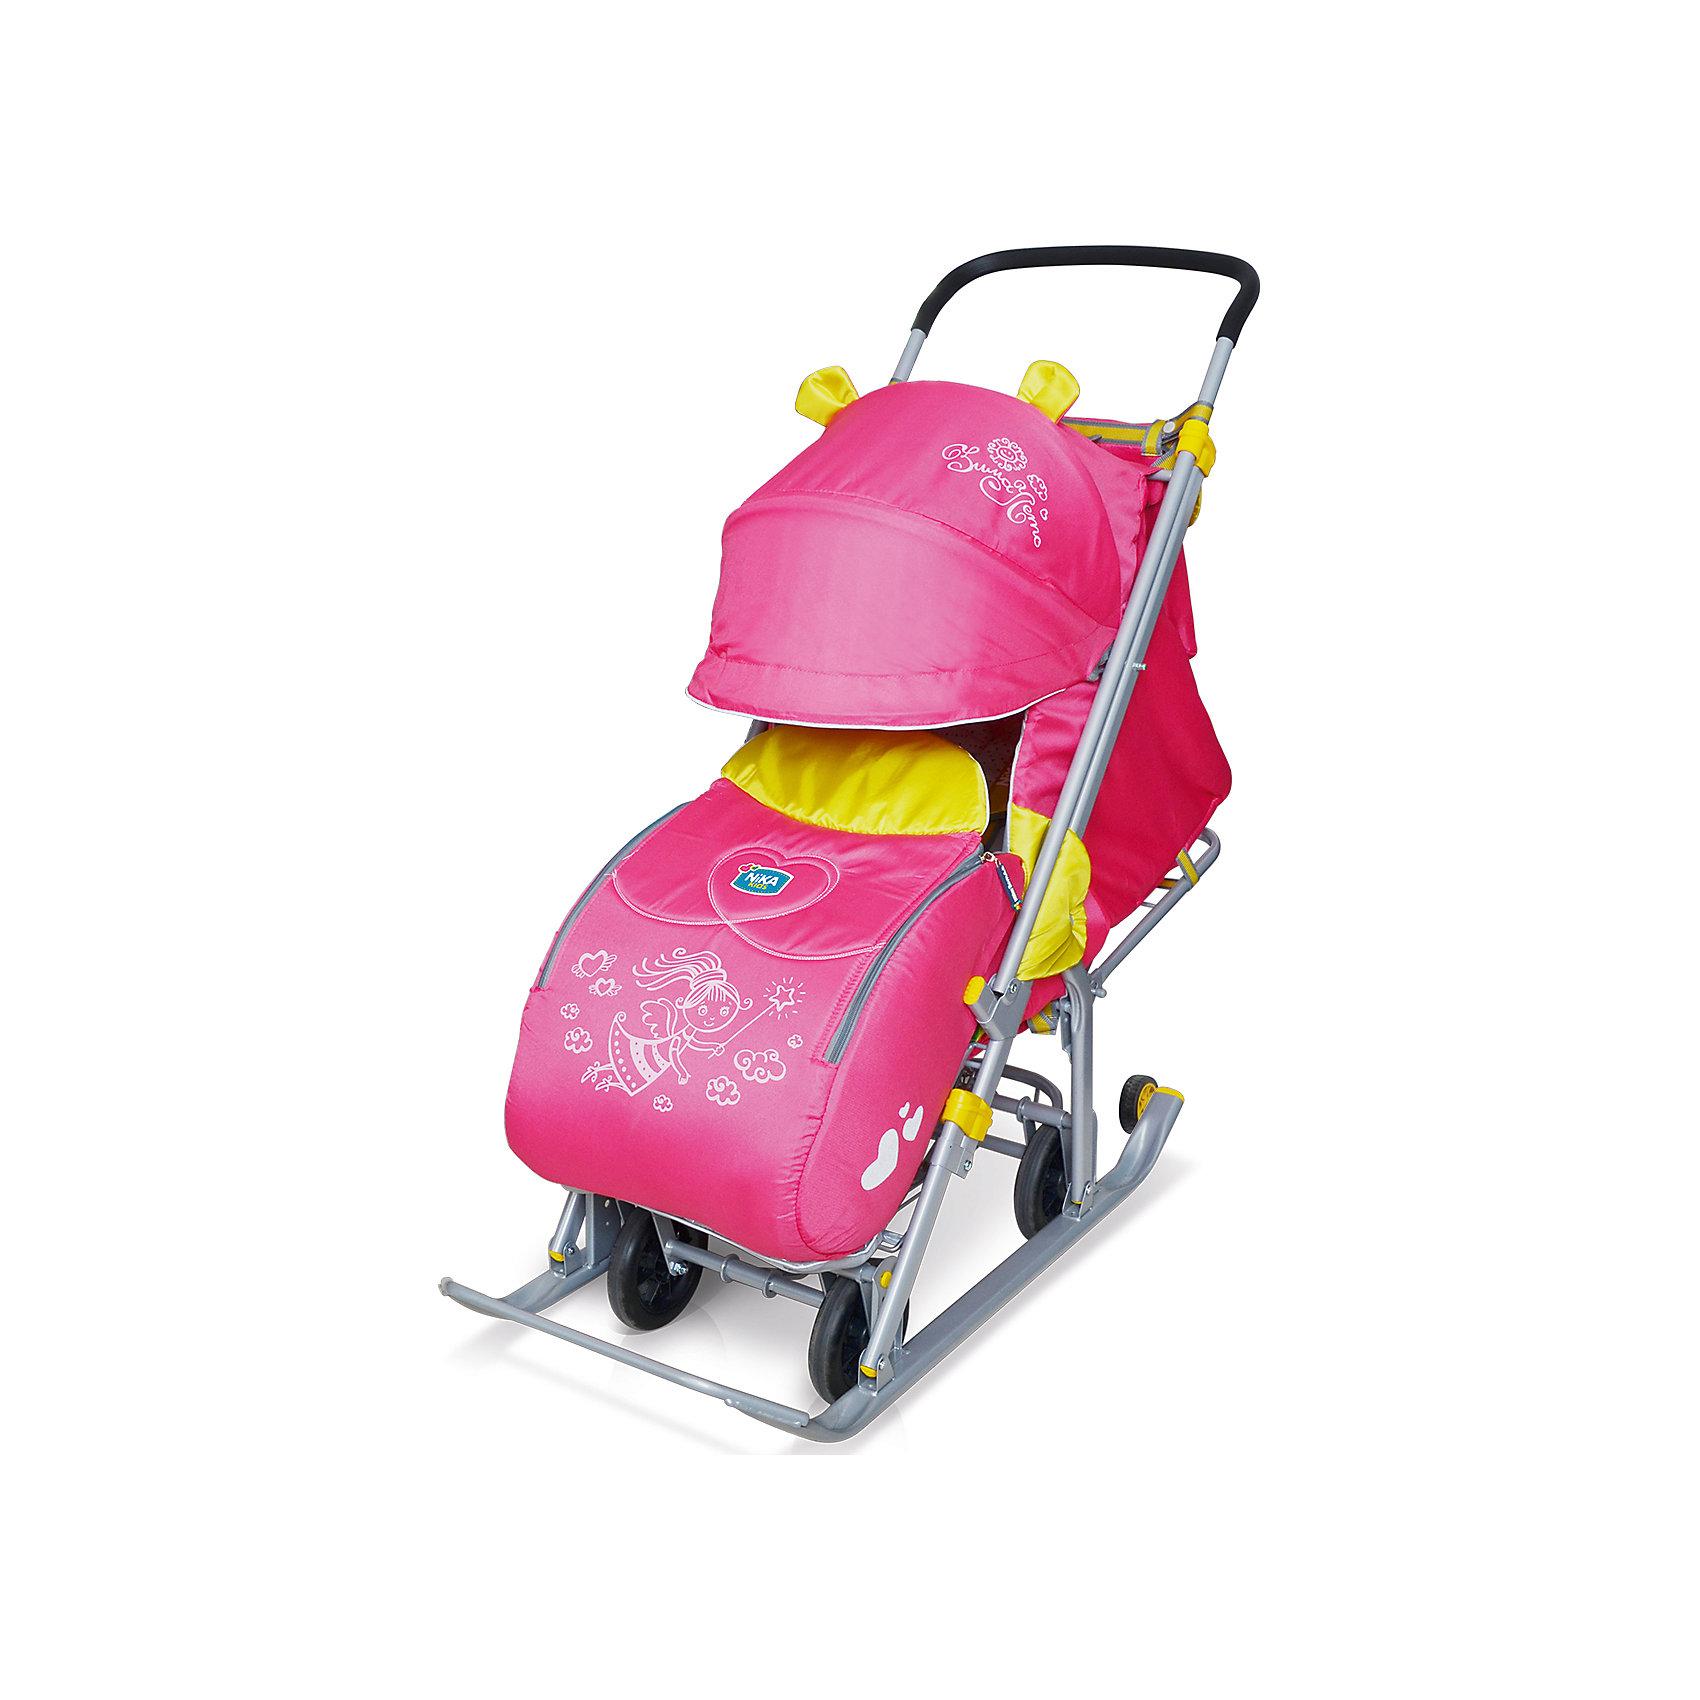 Санки-коляска Ника детям 7, Фея, малиновый